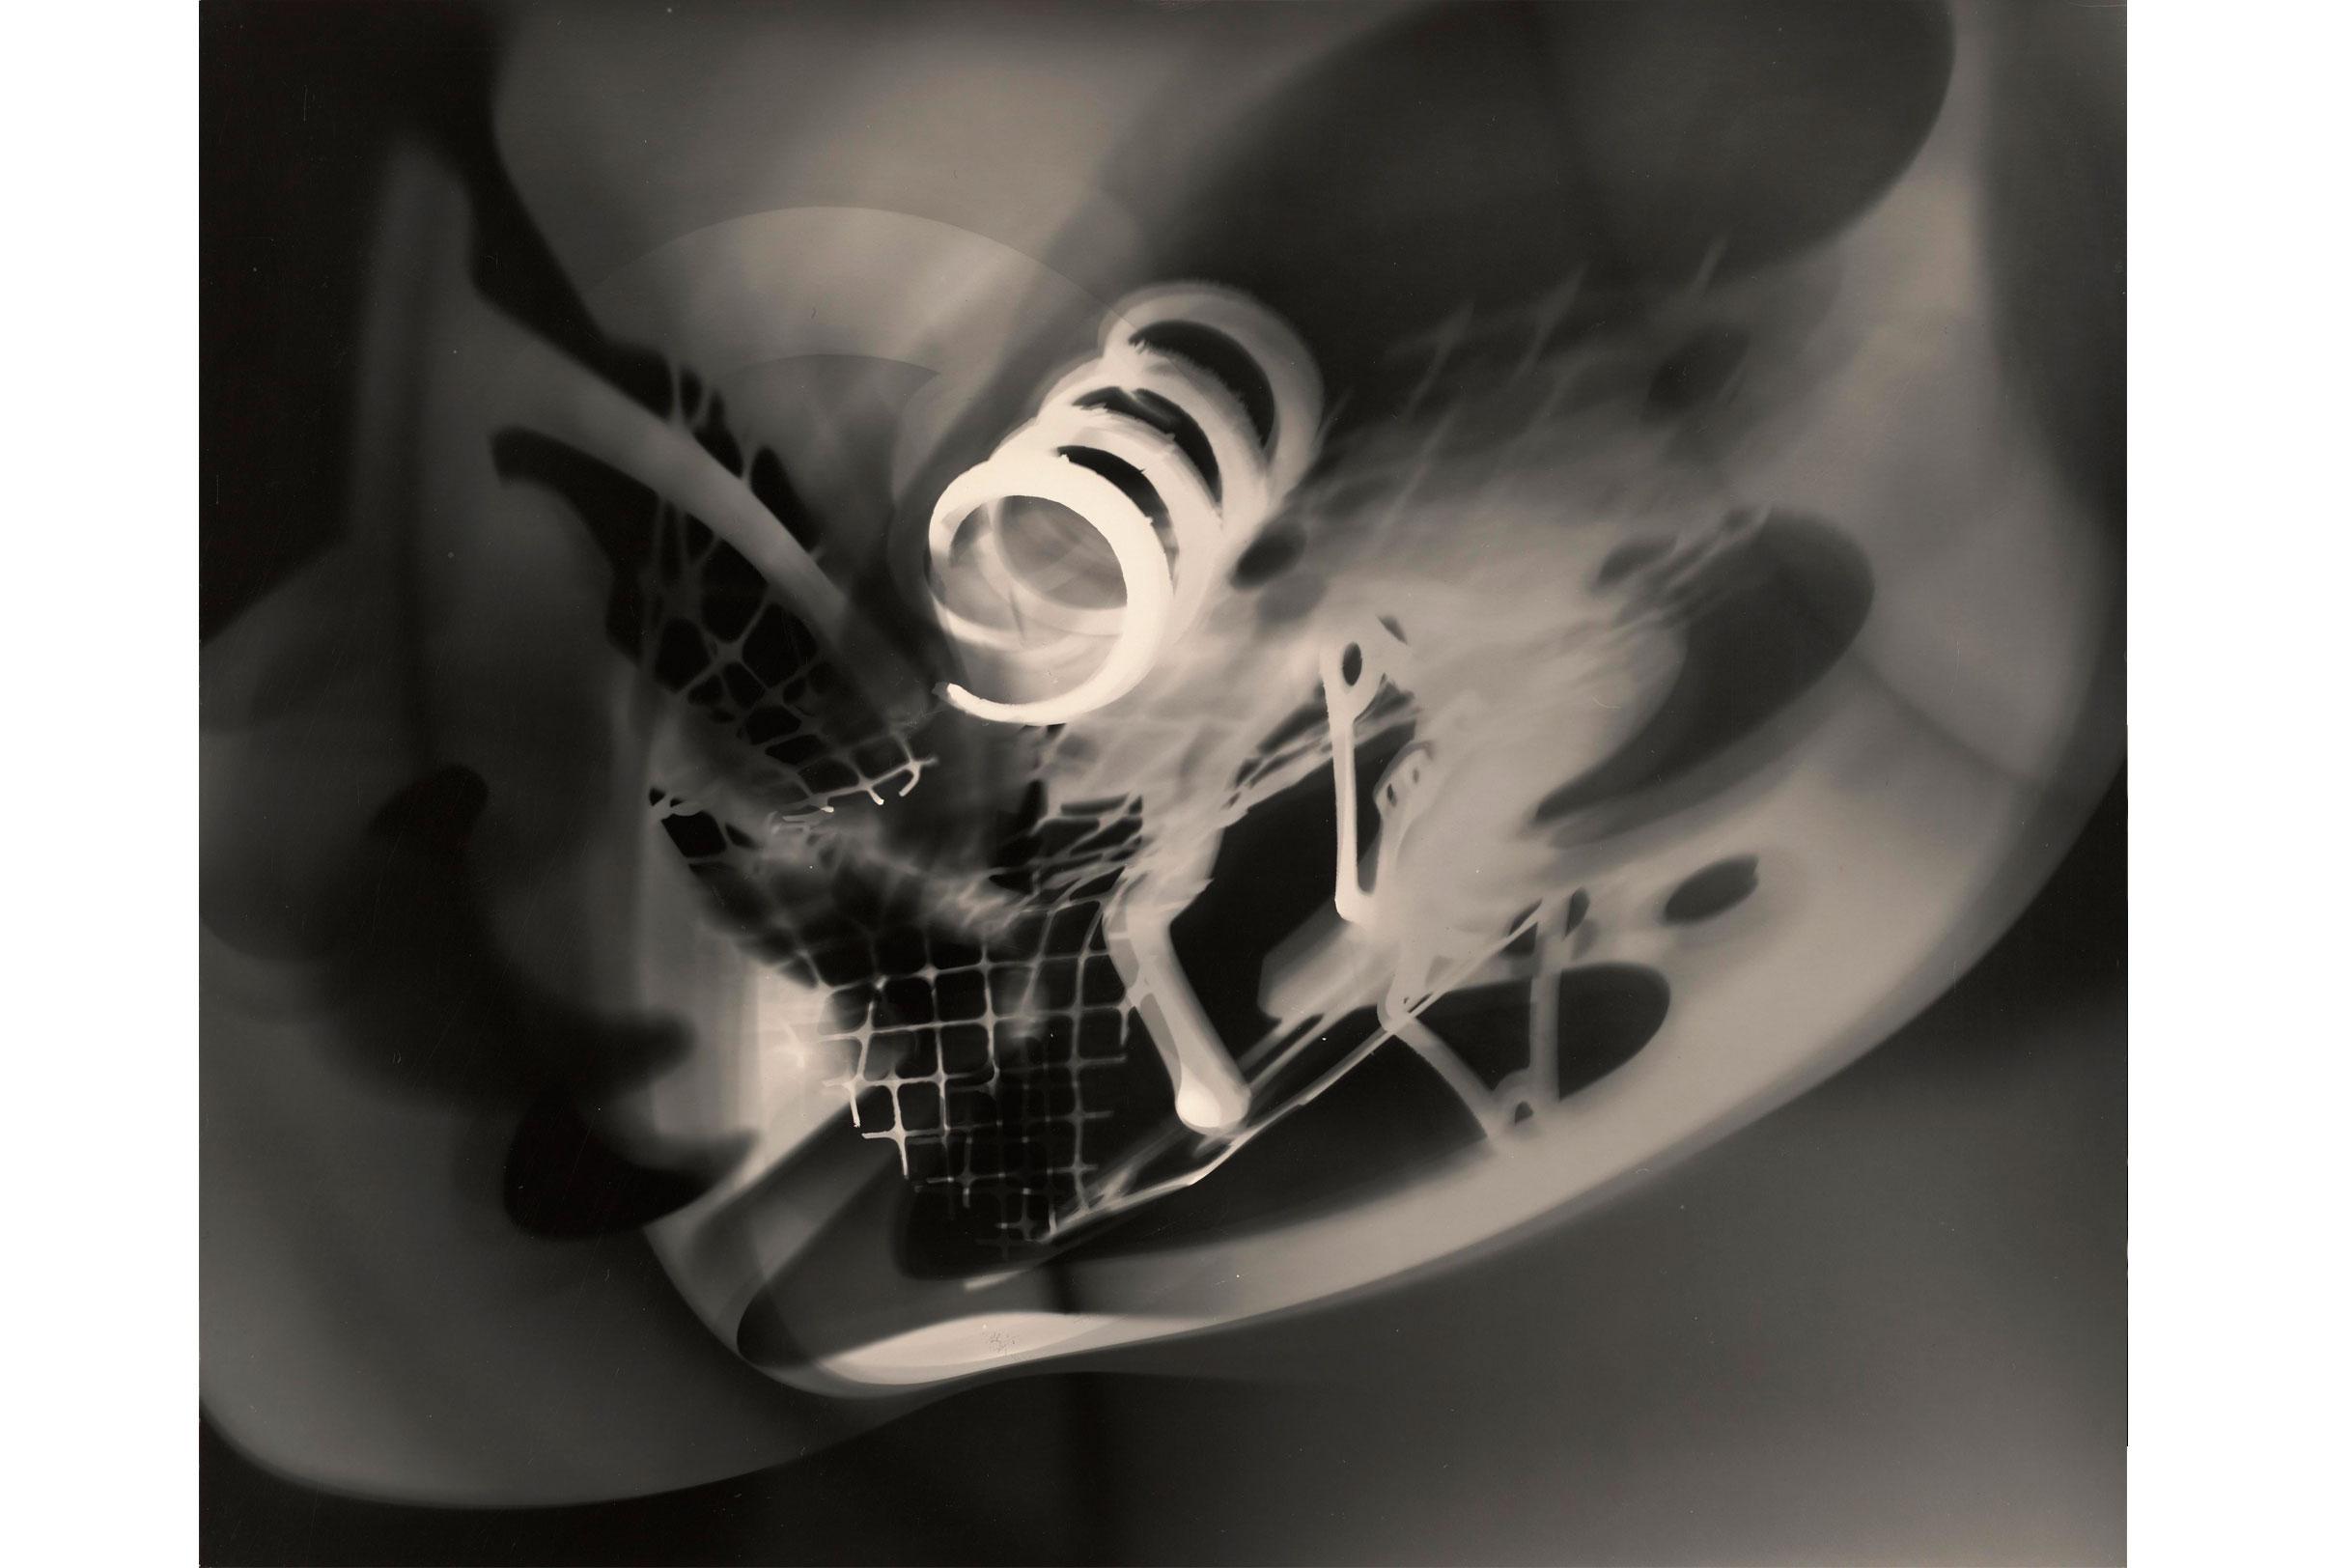 laszlo-moholy-nagy-photogramme-1925